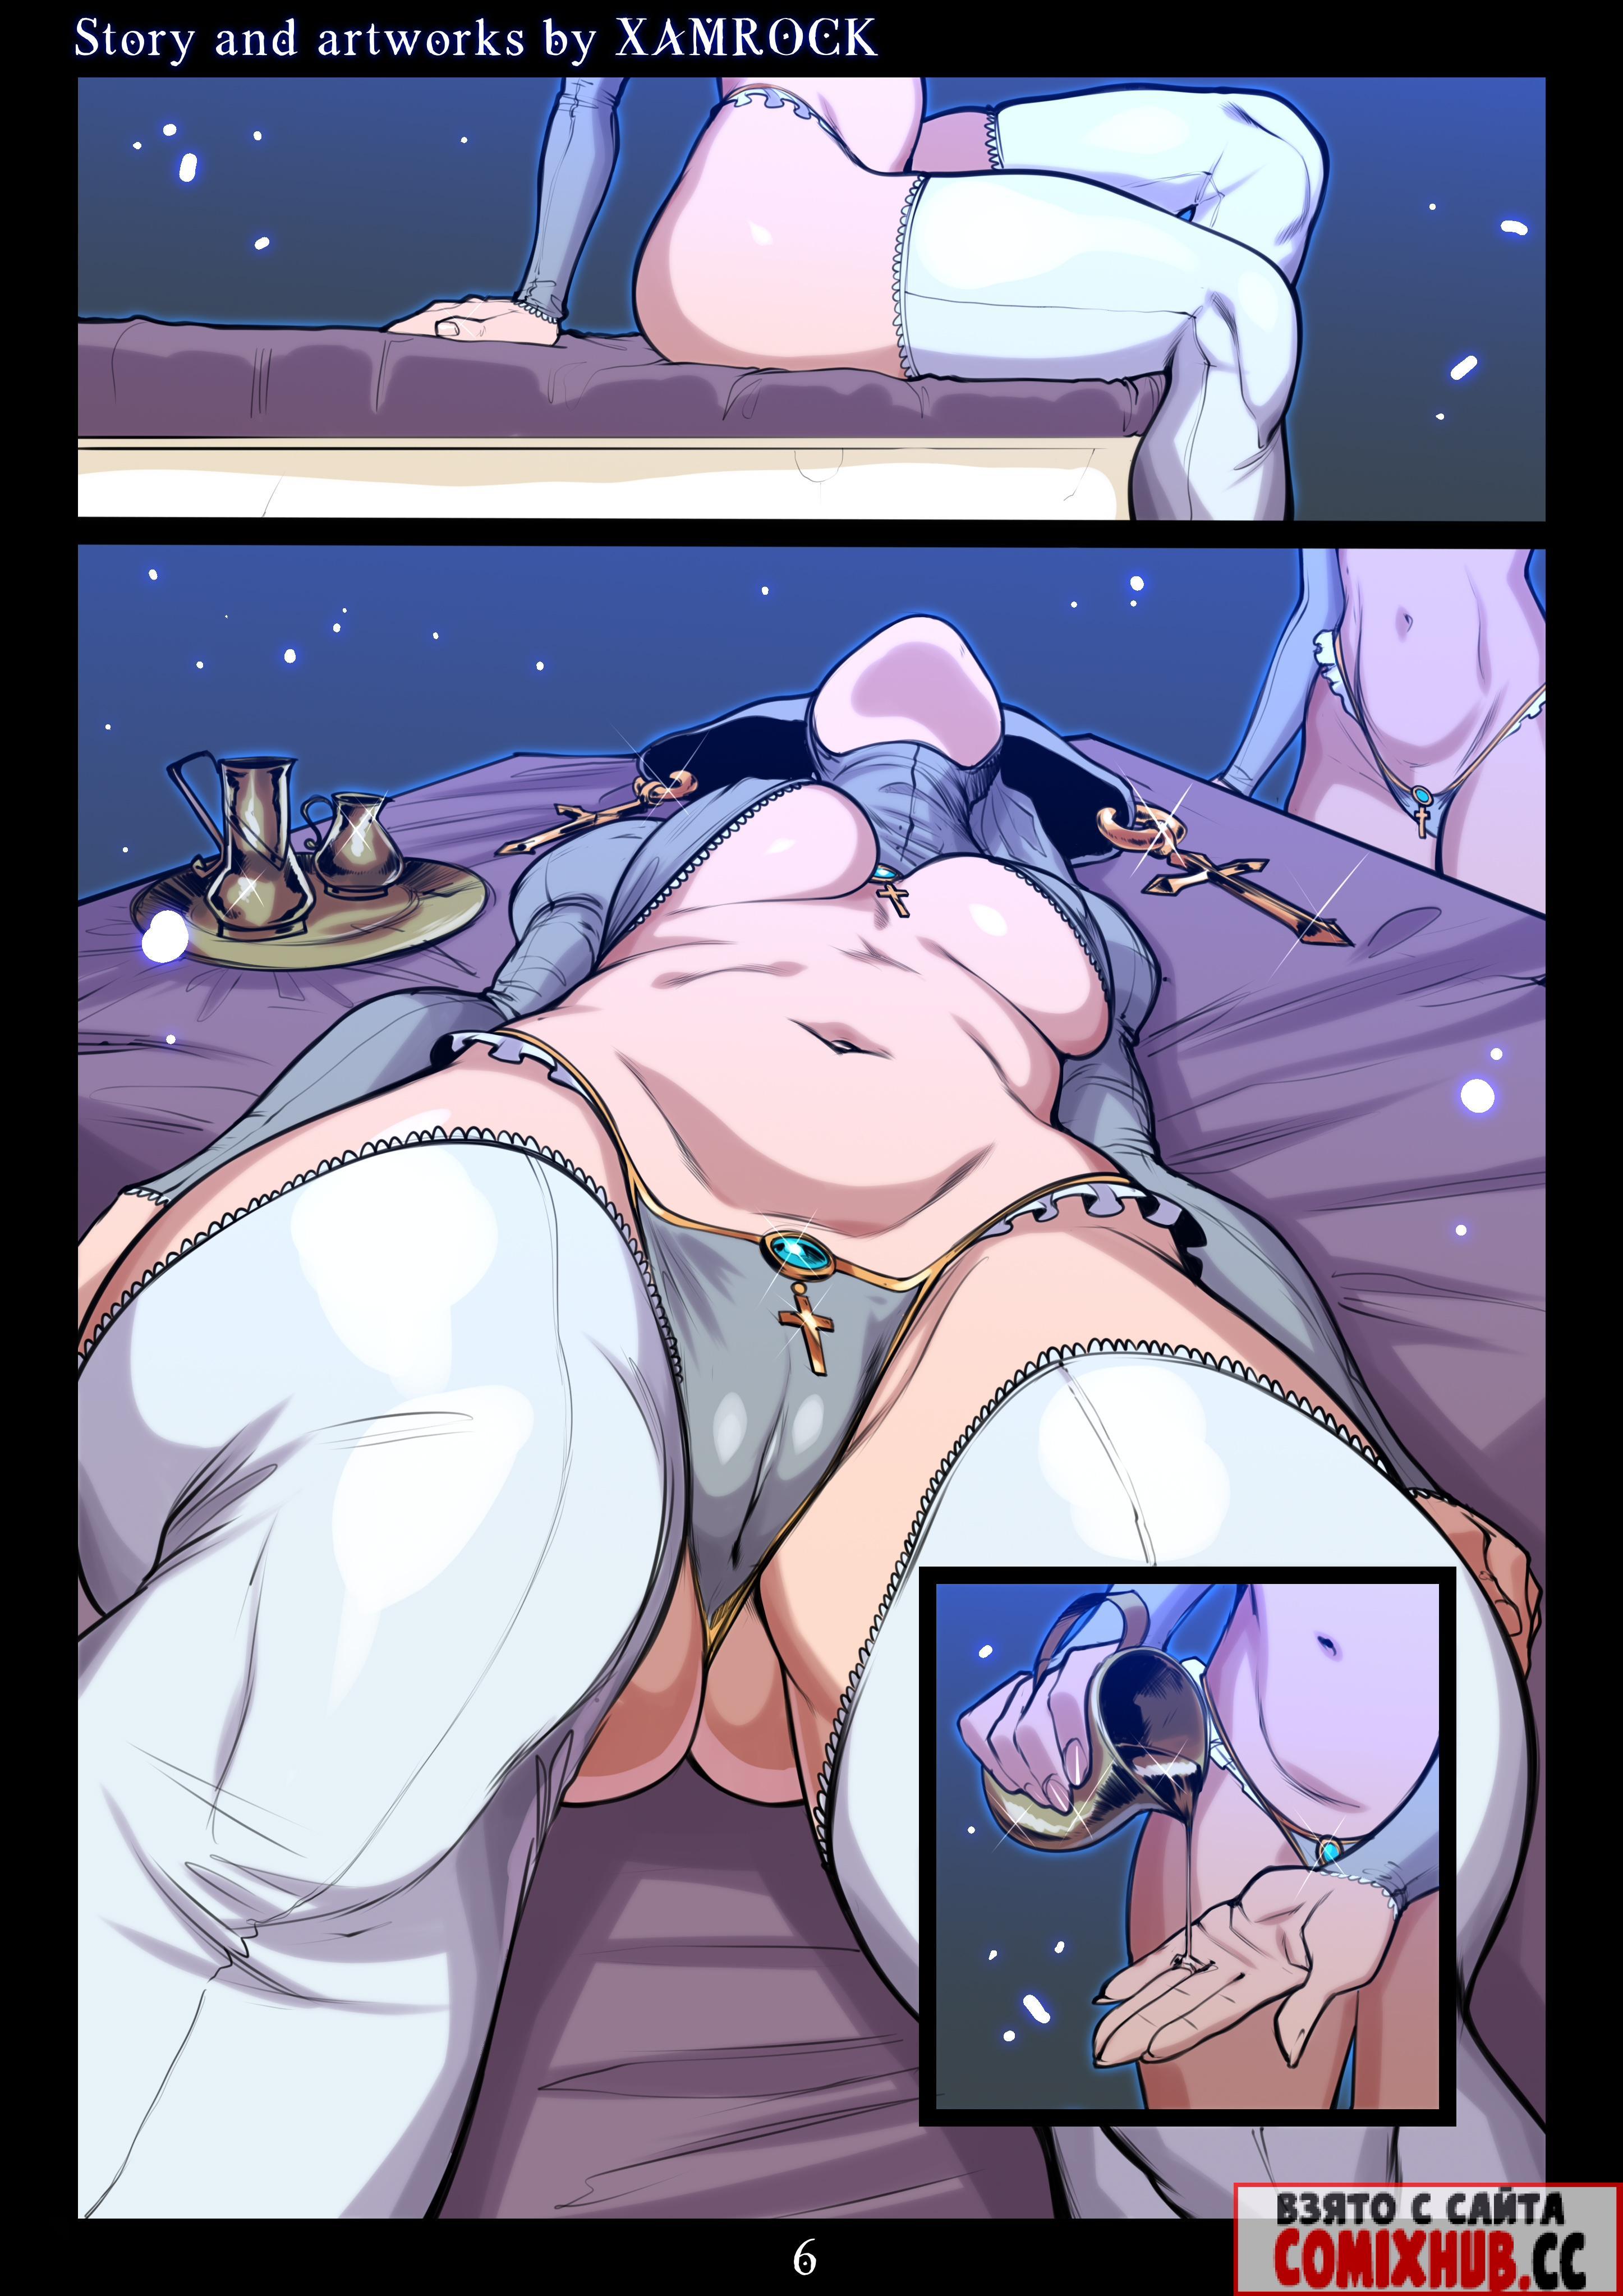 Порно комиксы — Злая Чародейка, часть 2 Большие сиськи, Большие члены, Лесбиянки, Минет,